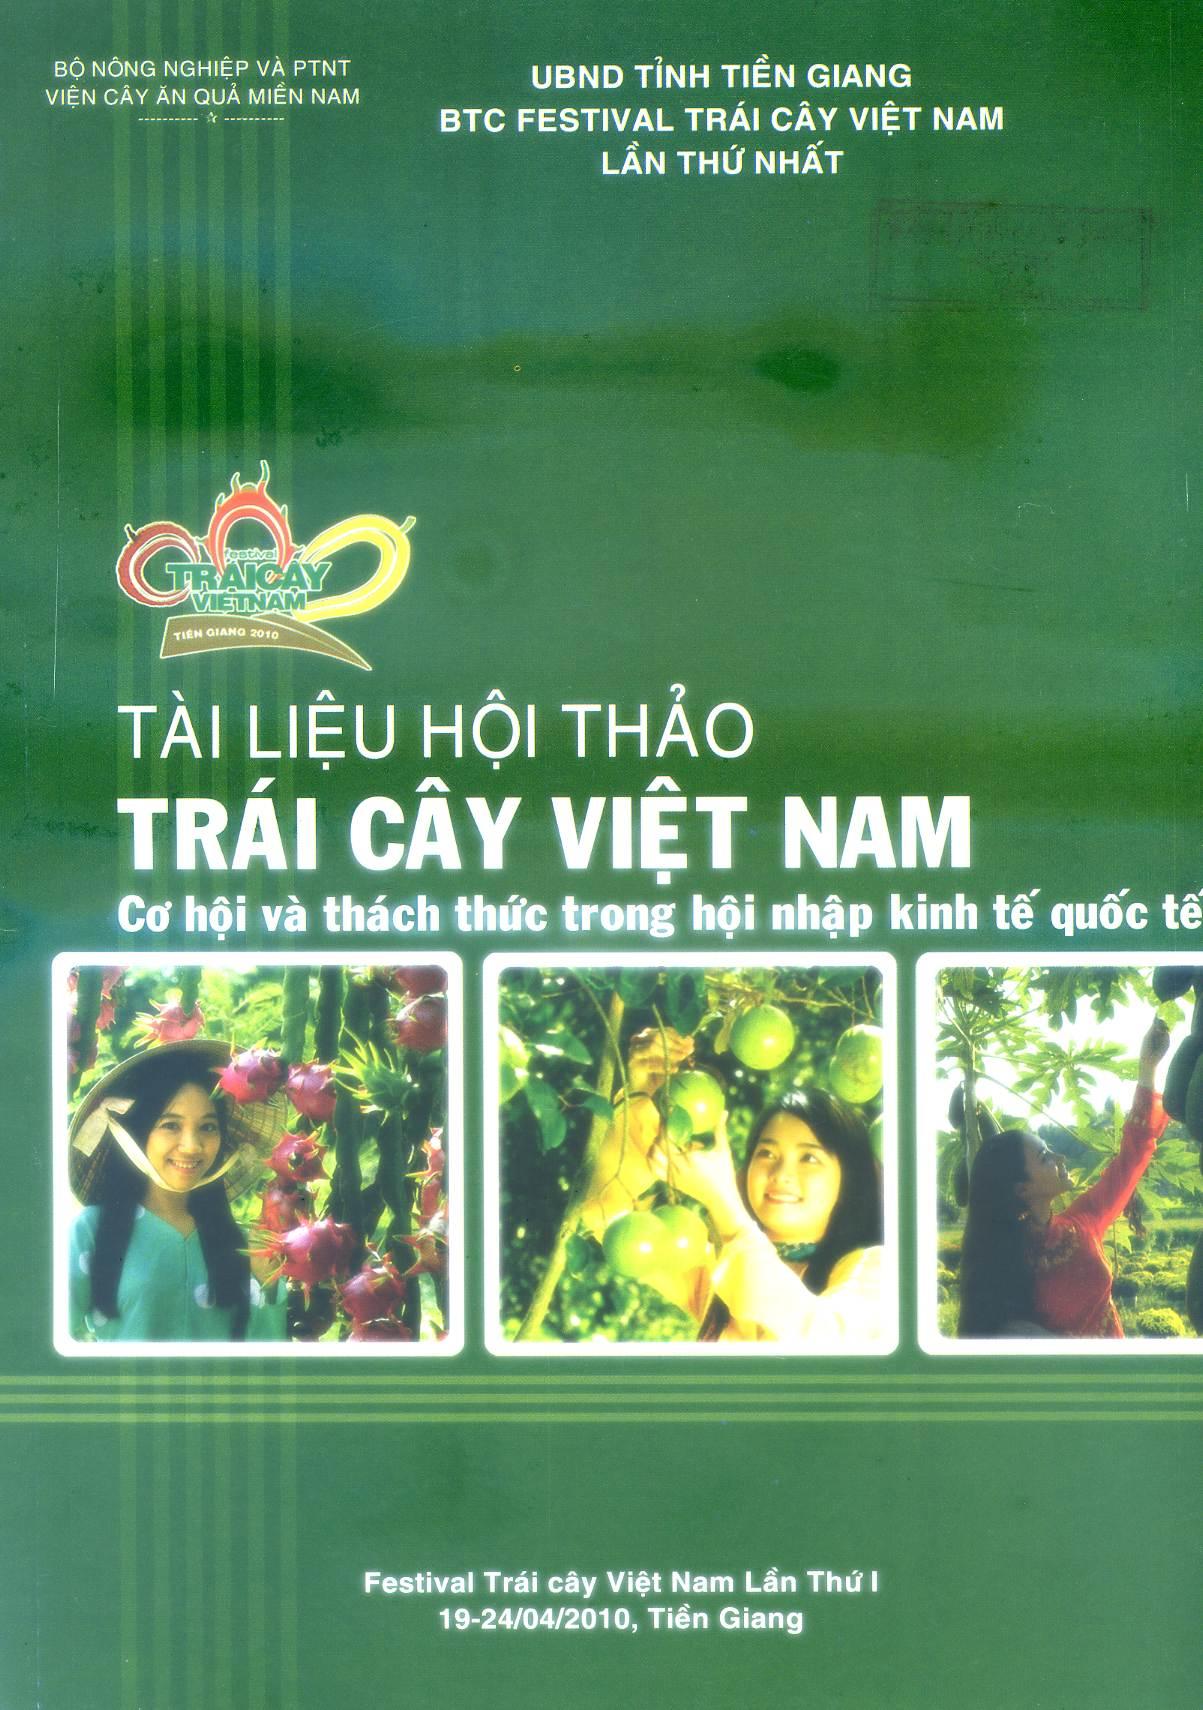 Tài liệu hội thảo Trái cây Việt Nam -Cơ hội và thách thức trong hội nhập kinh tế quốc tế